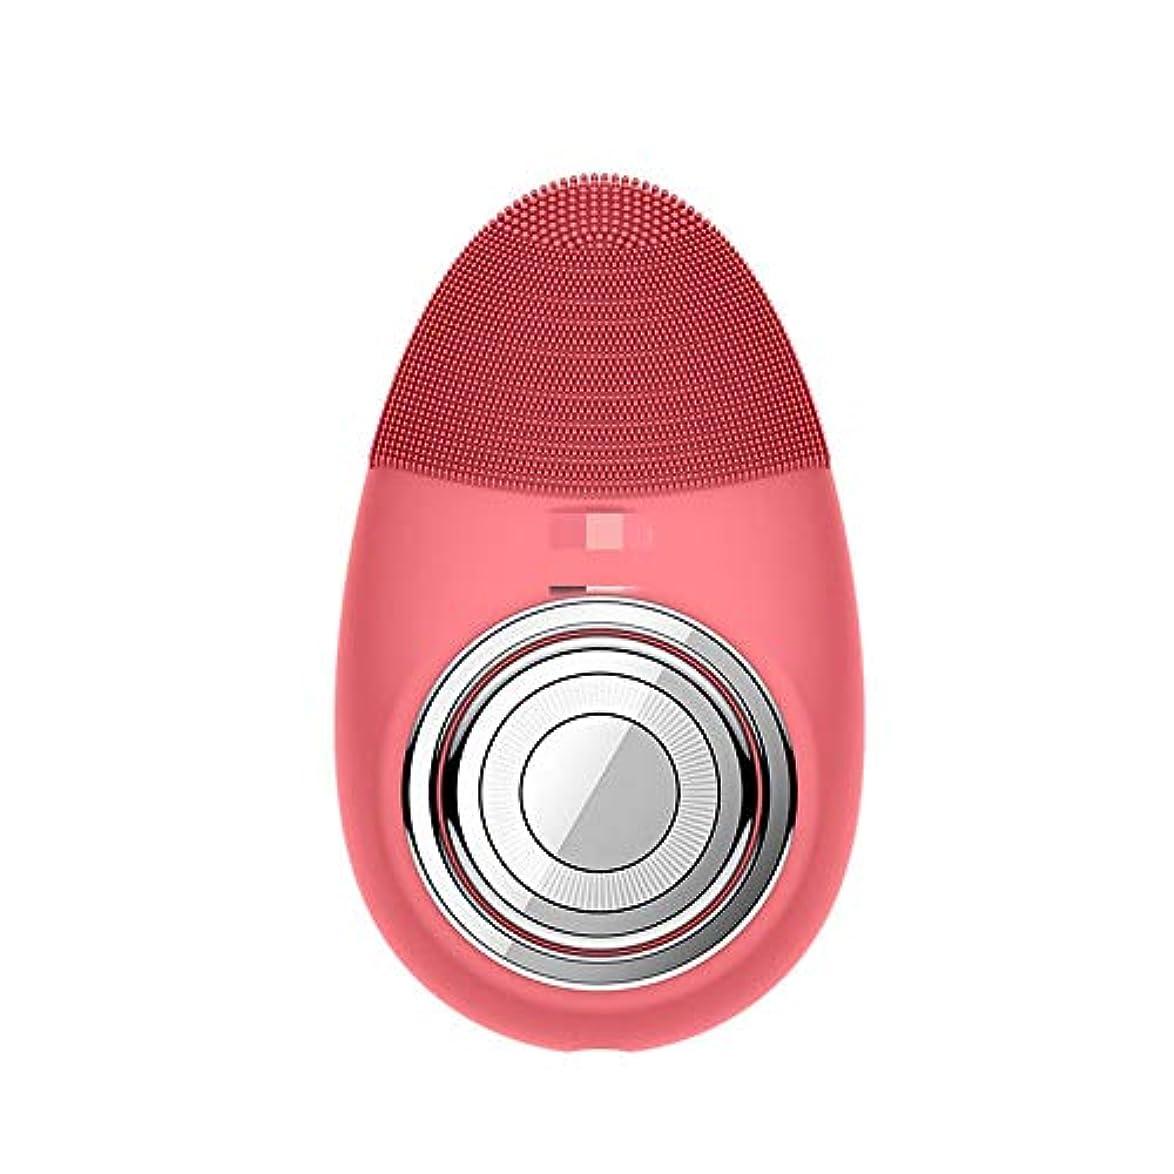 ワーム項目研究Donghechengkang 多機能電気恒温シリコーンクレンジング楽器赤灯肌清潔毛穴クリーナー輸入機器美容機器 (Color : Red)